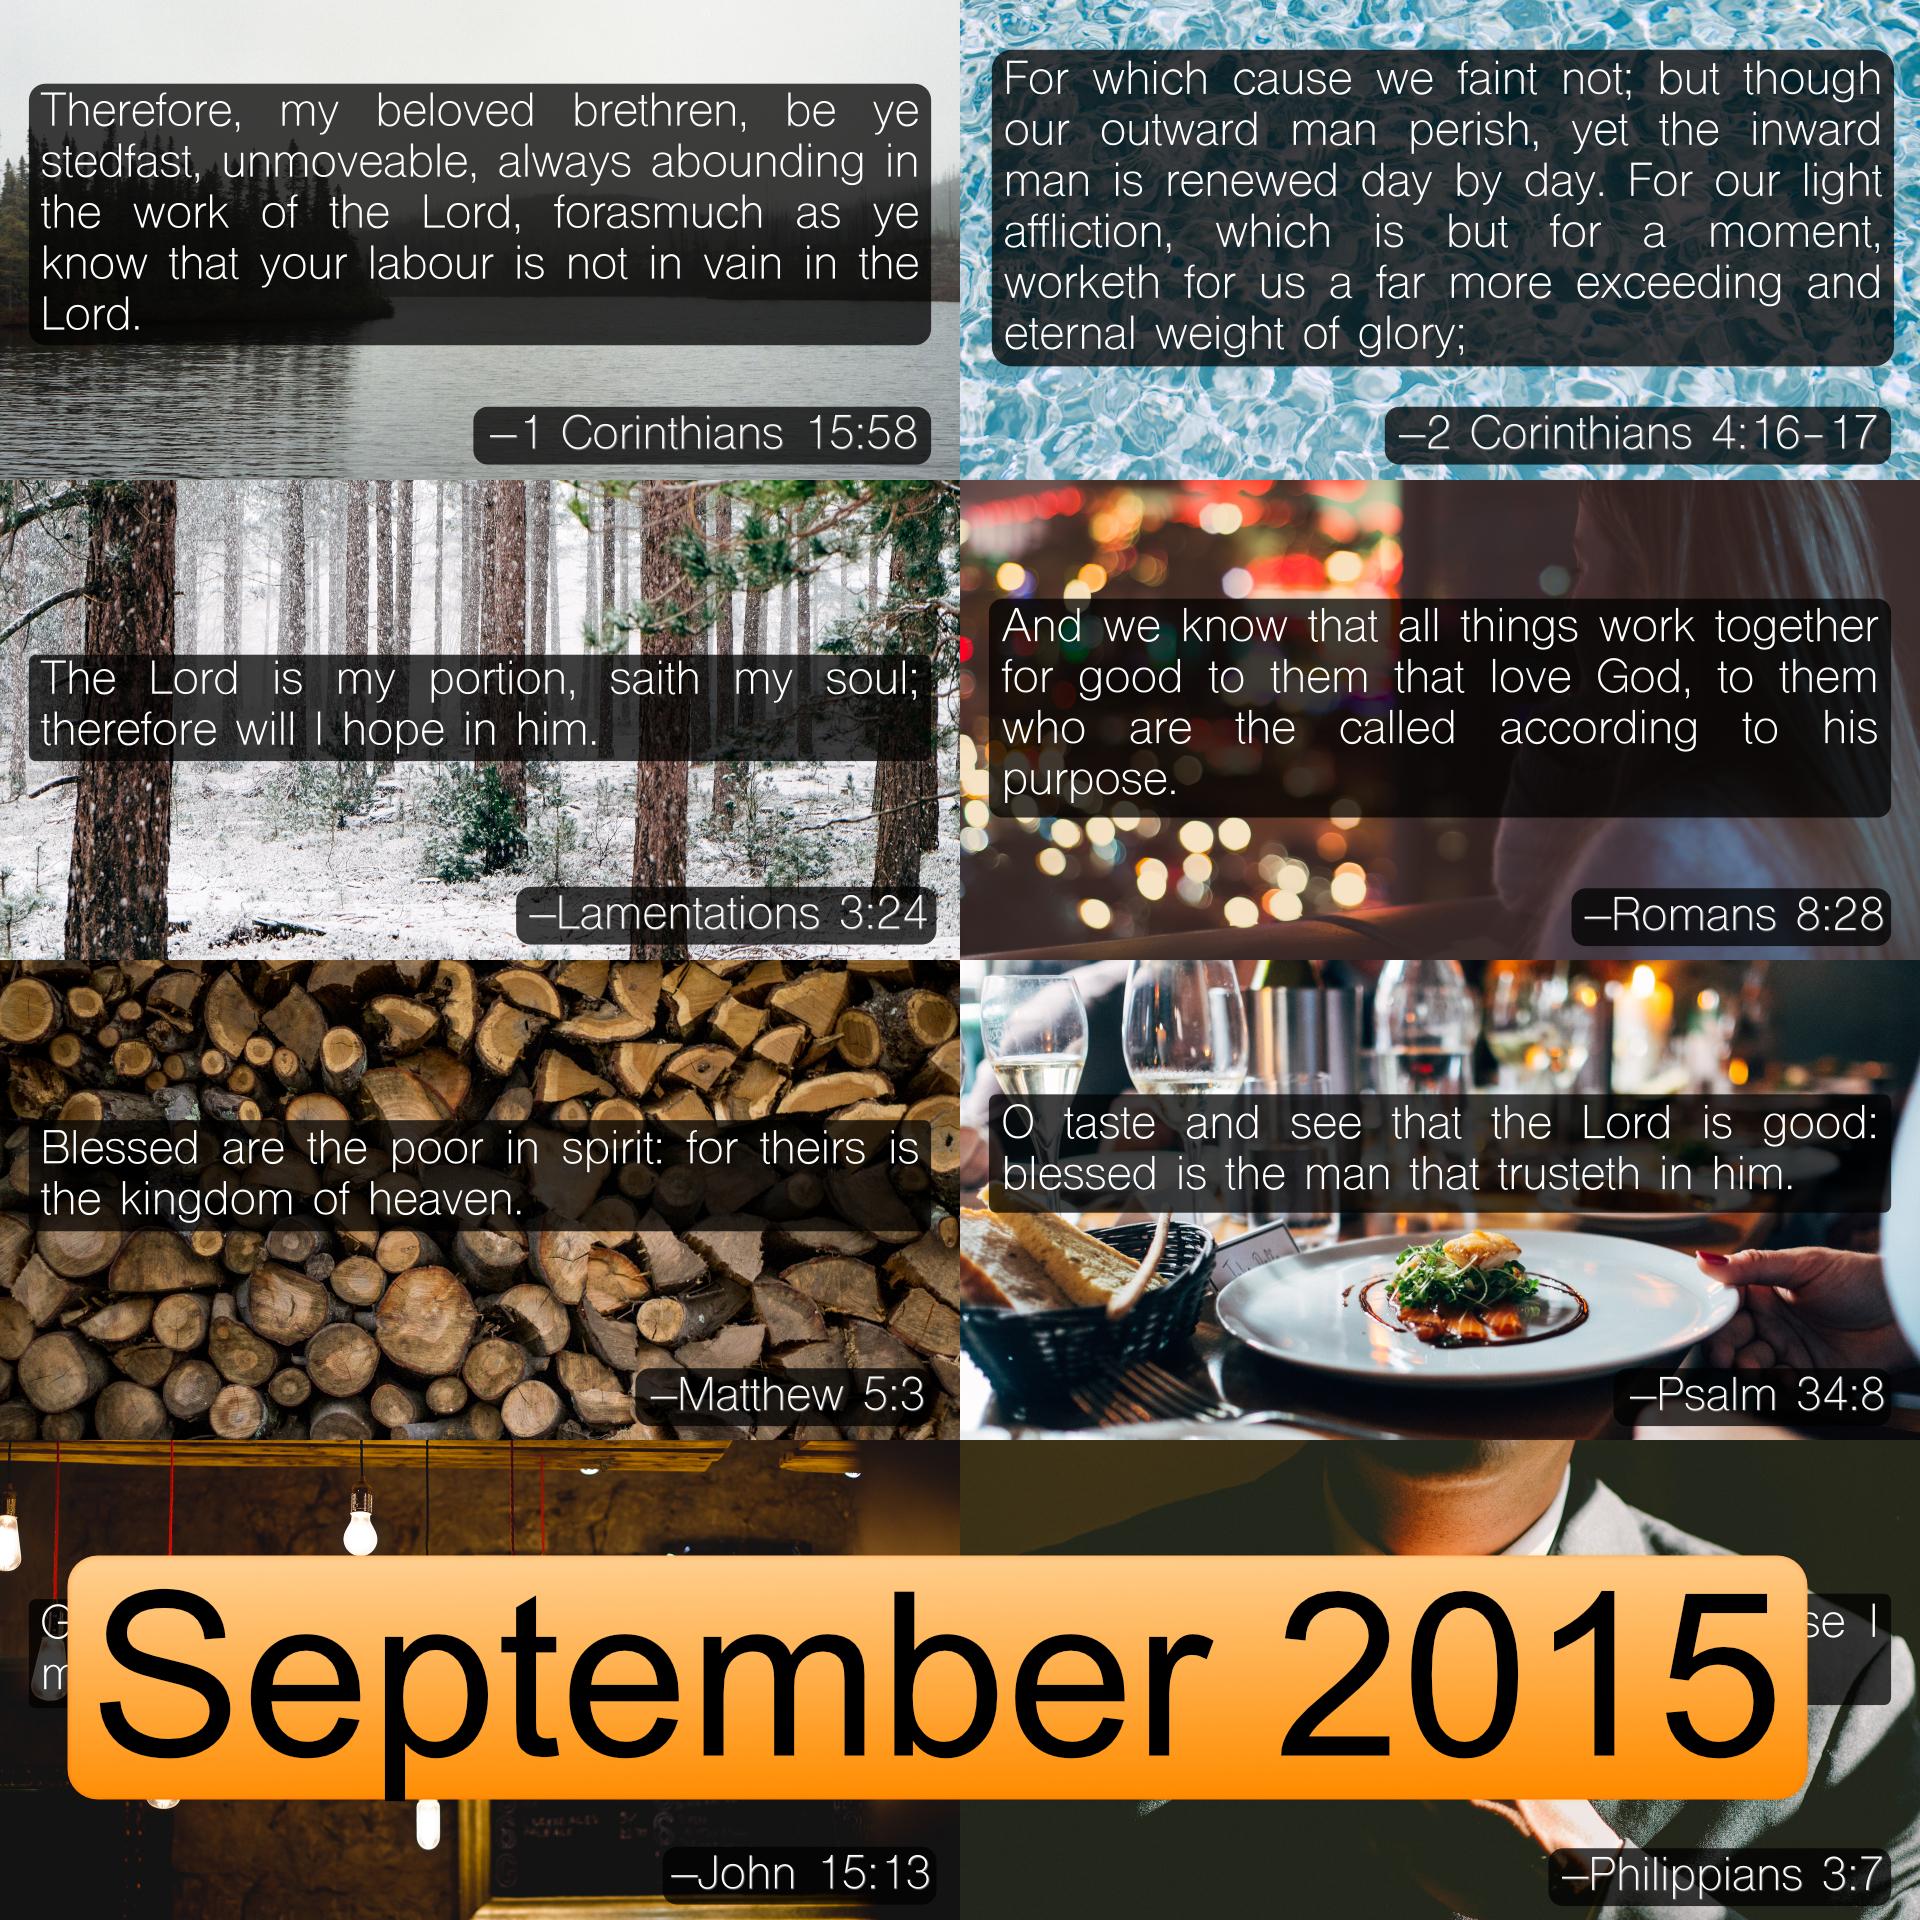 September 2015 Image Pack